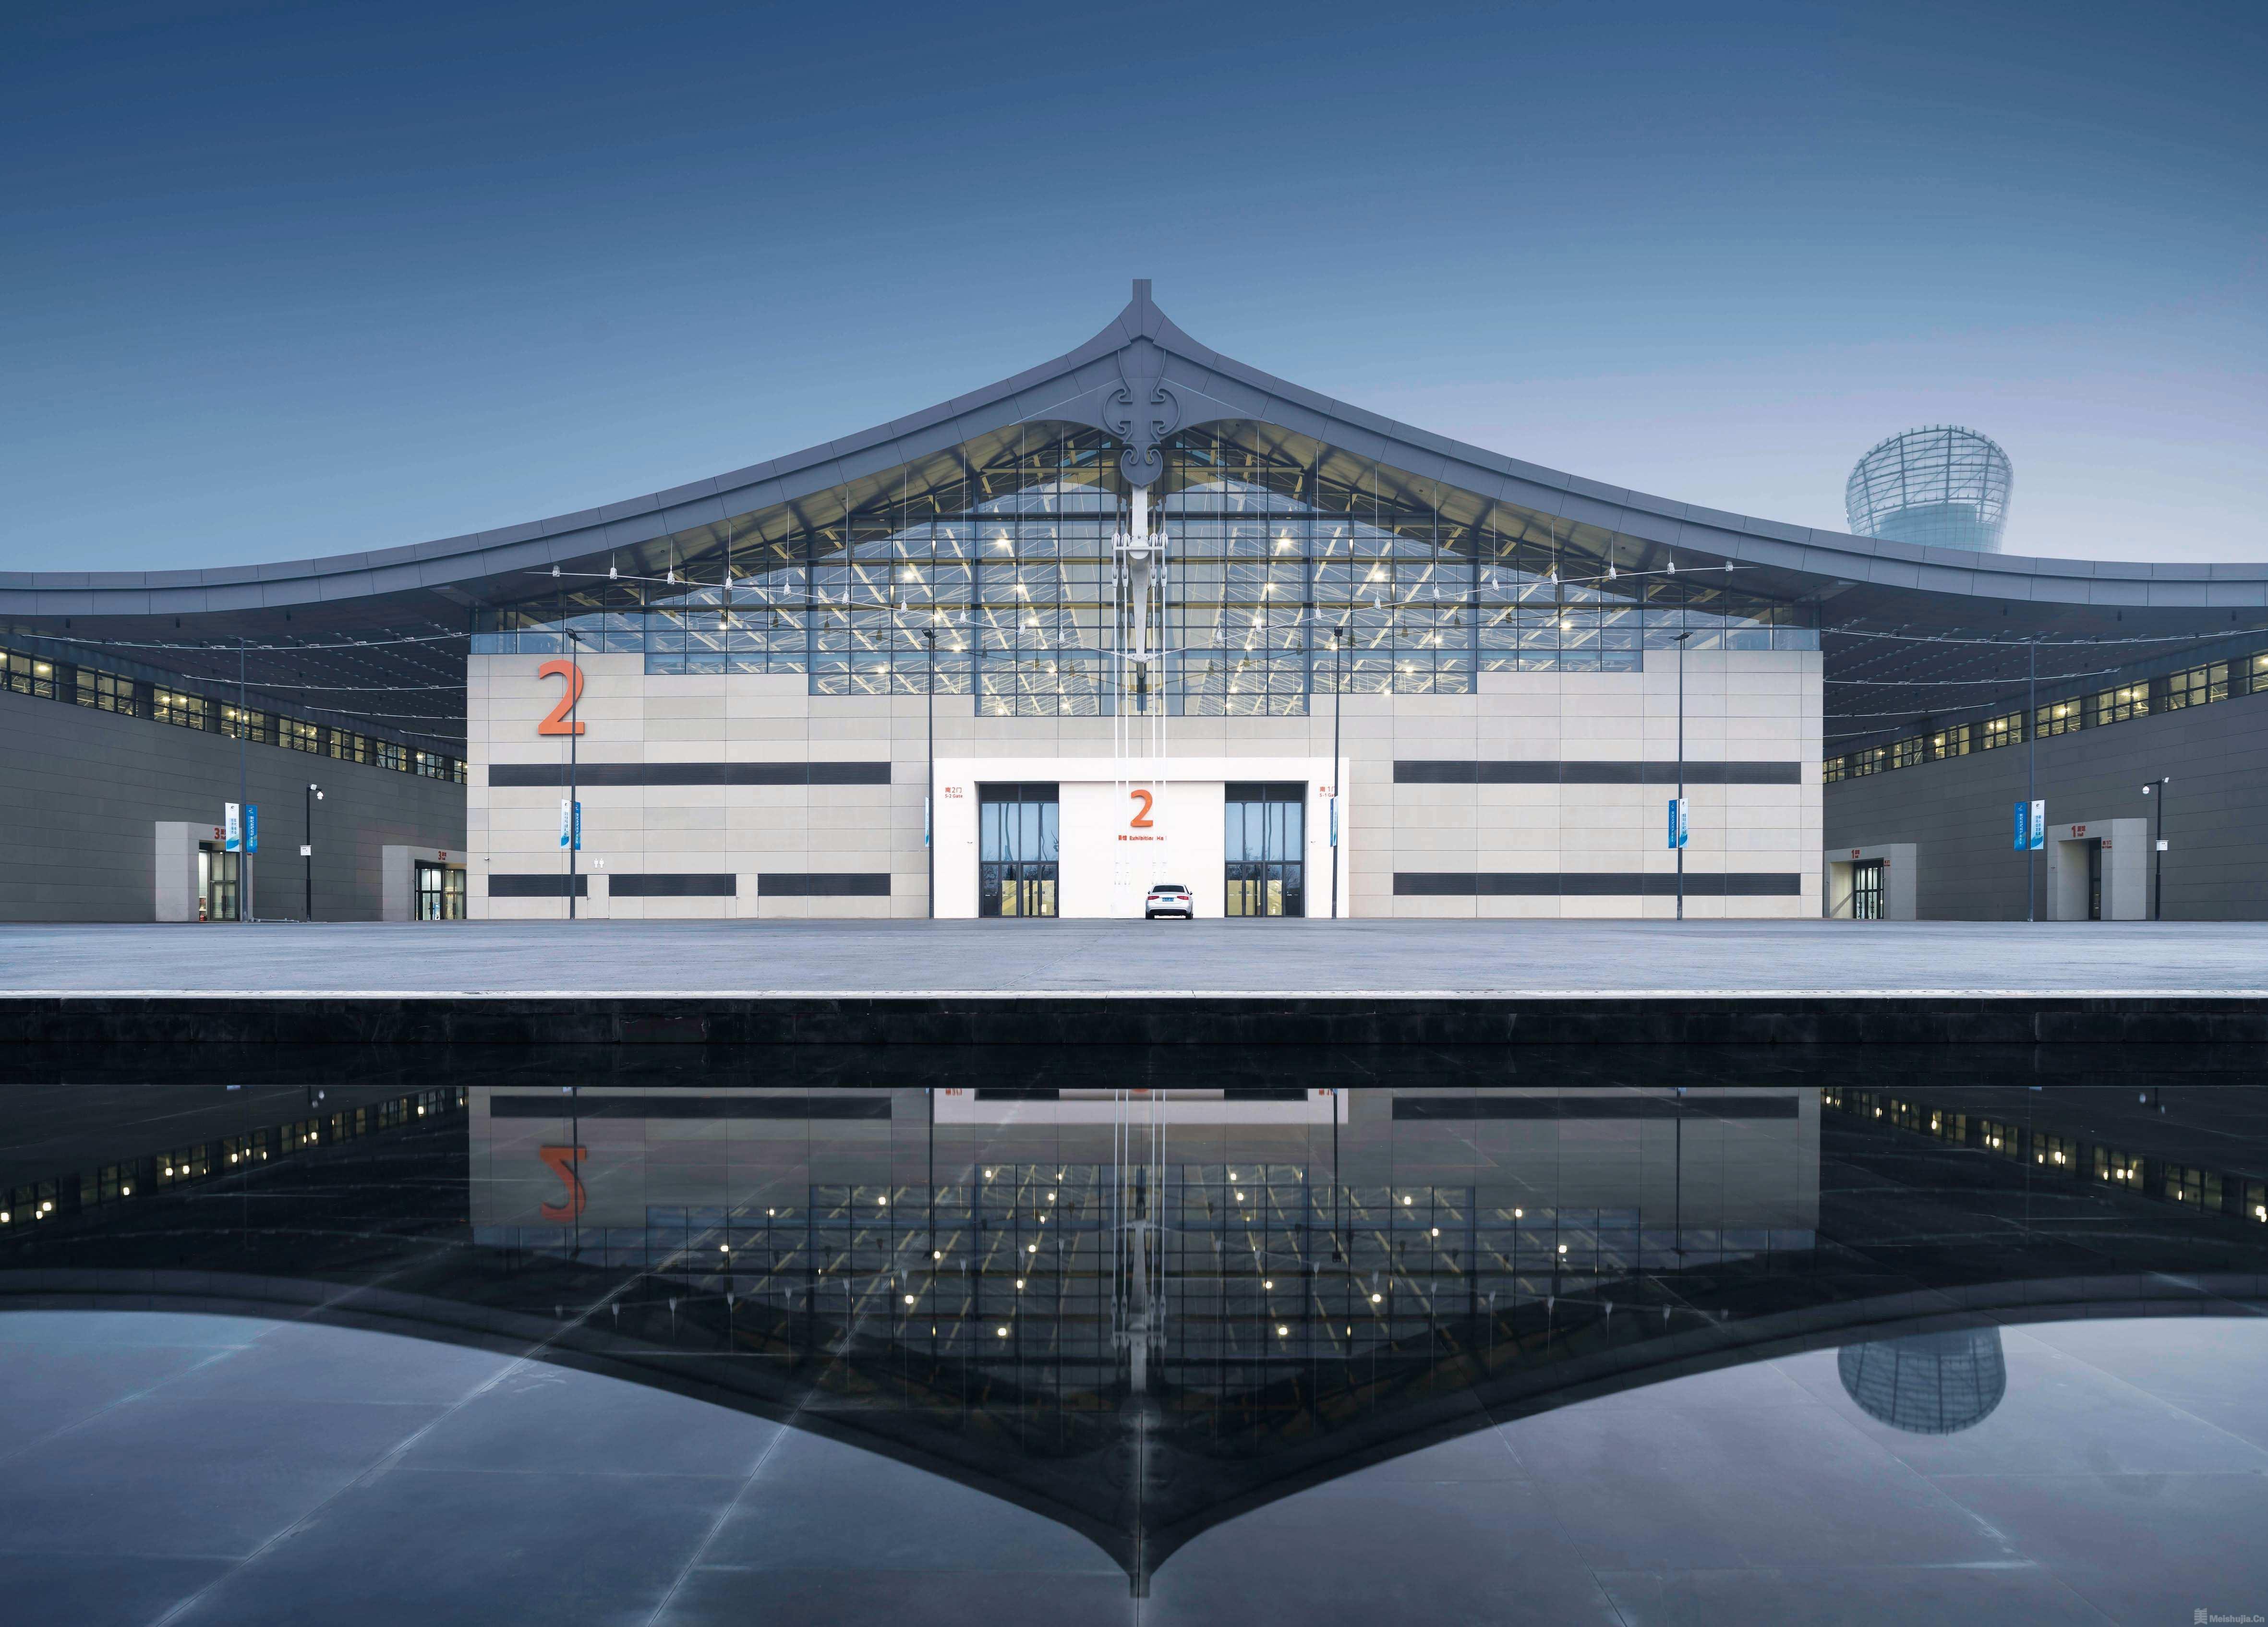 回眸与寻路:中国建筑的现代化探索